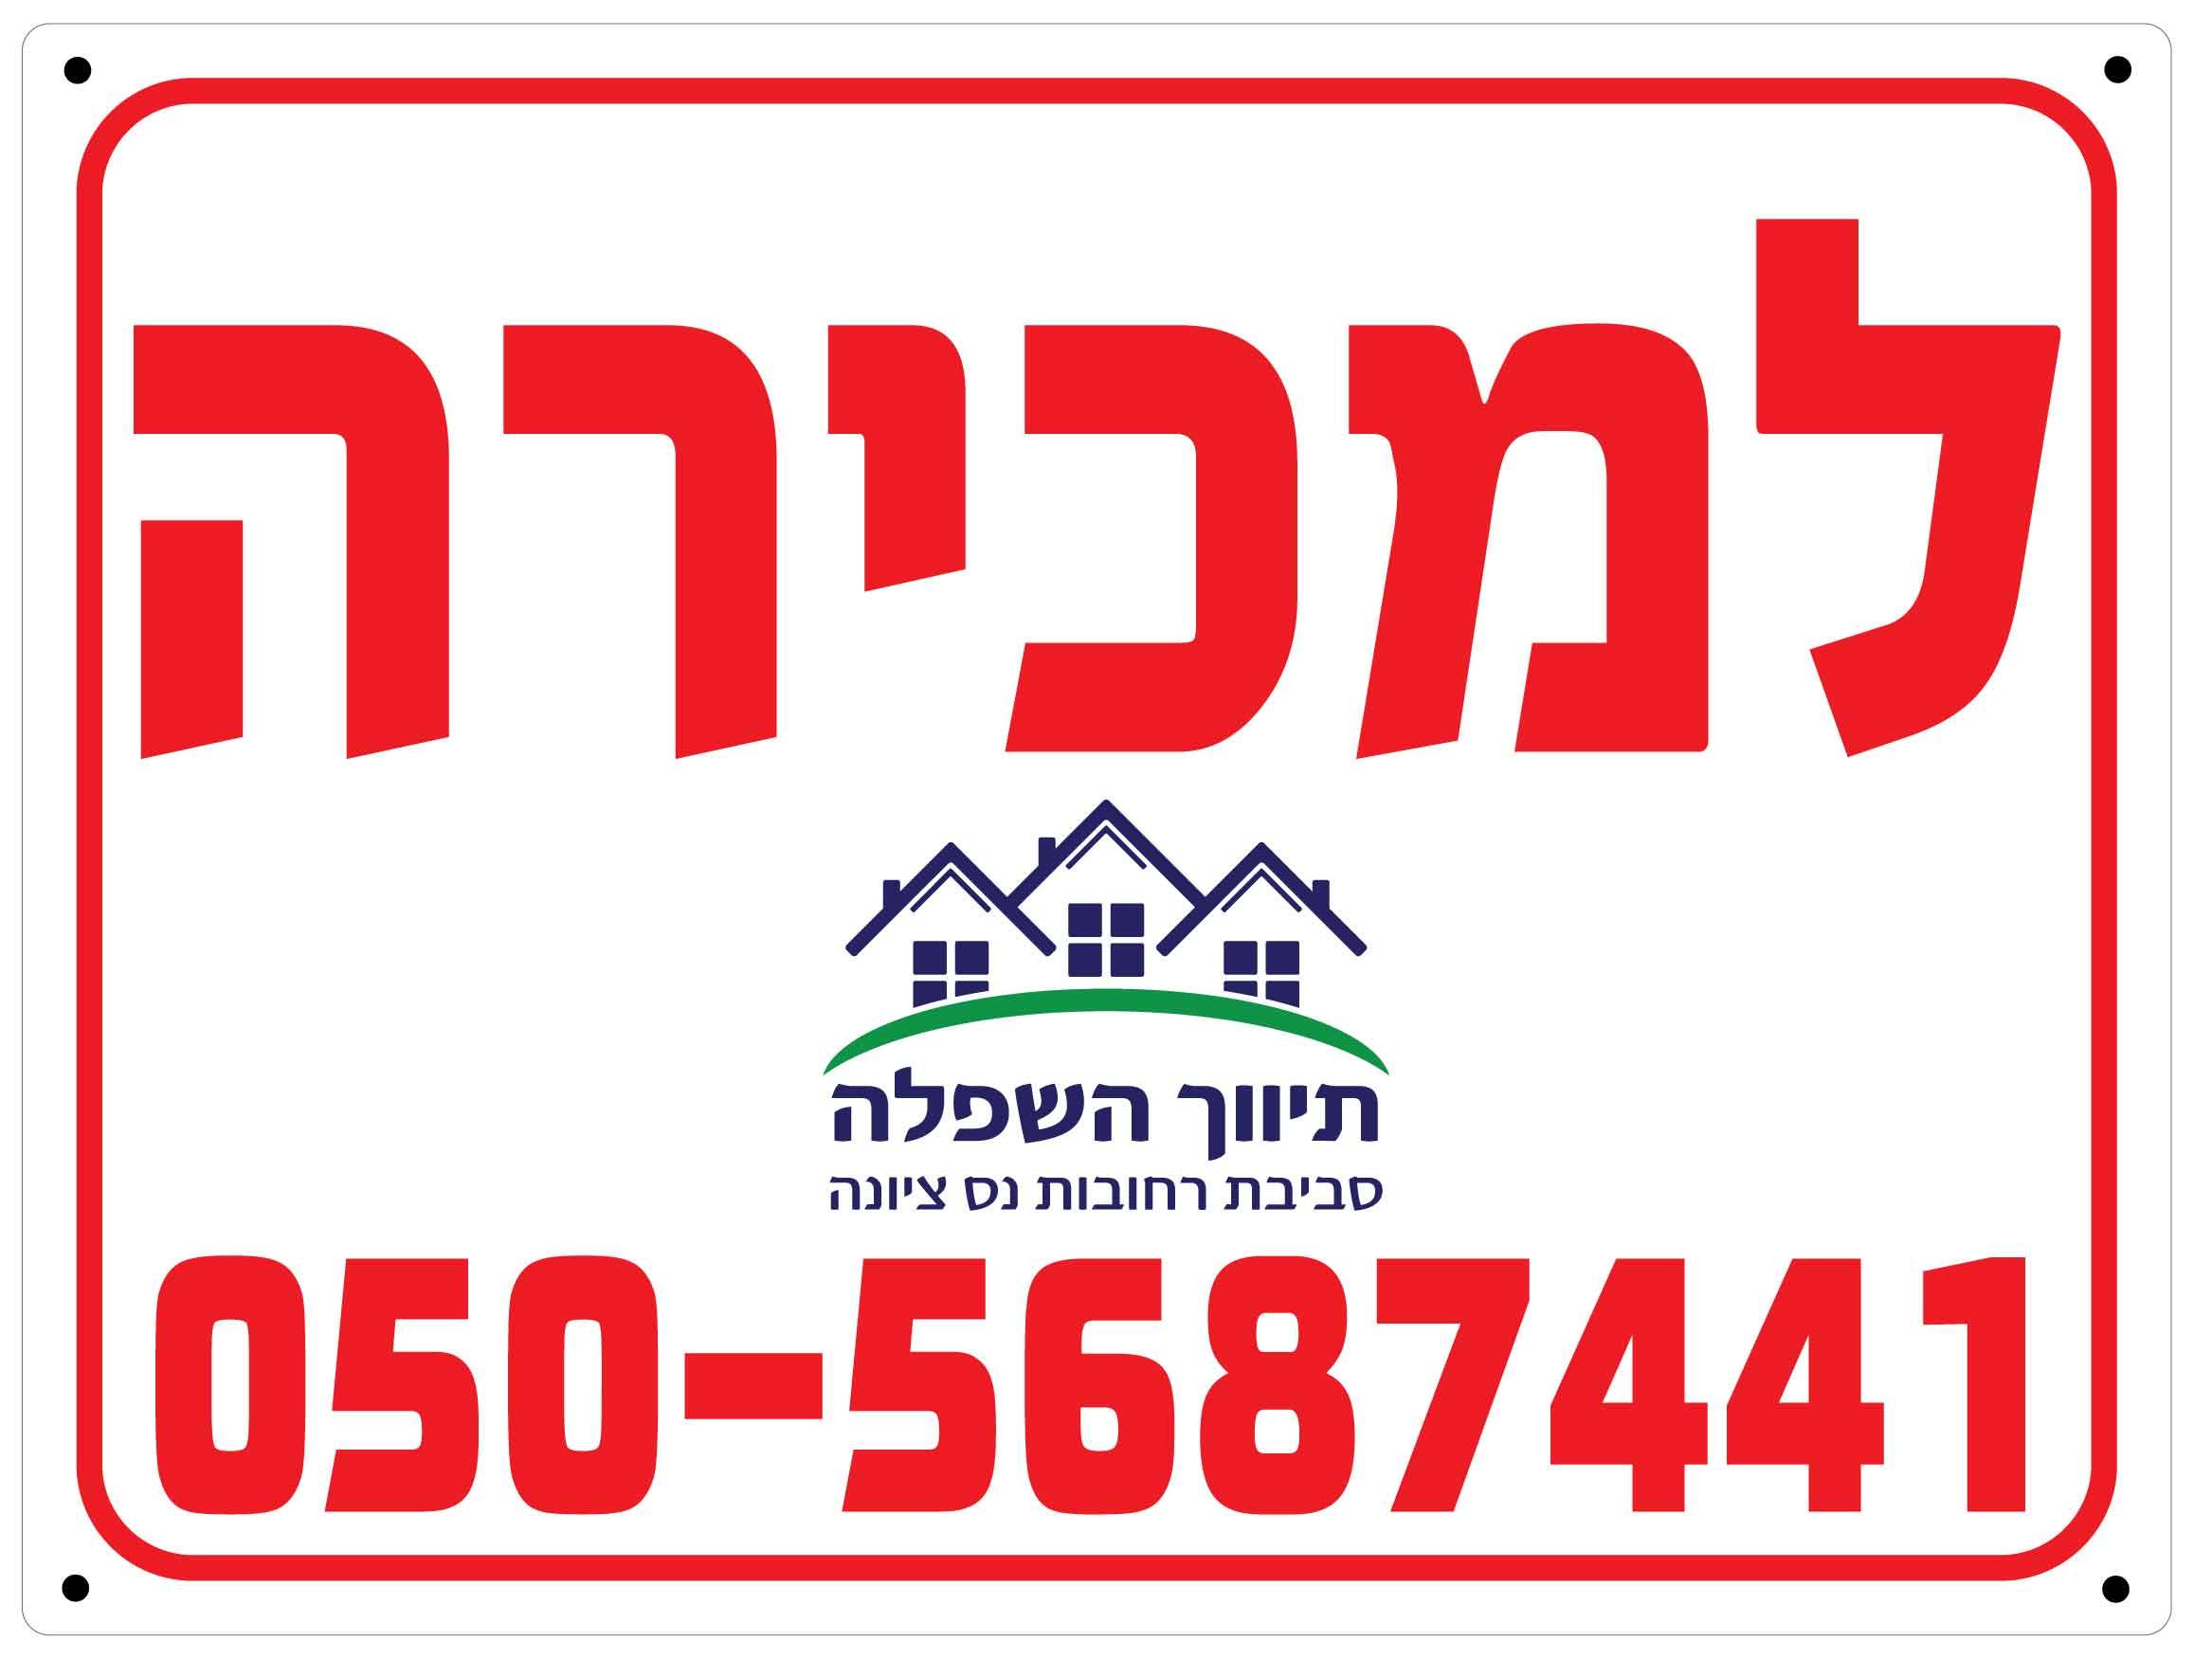 שלט פוליפרופילן לבן למתווכים 15 יח' דירה למכירה 60/80 ס''מ